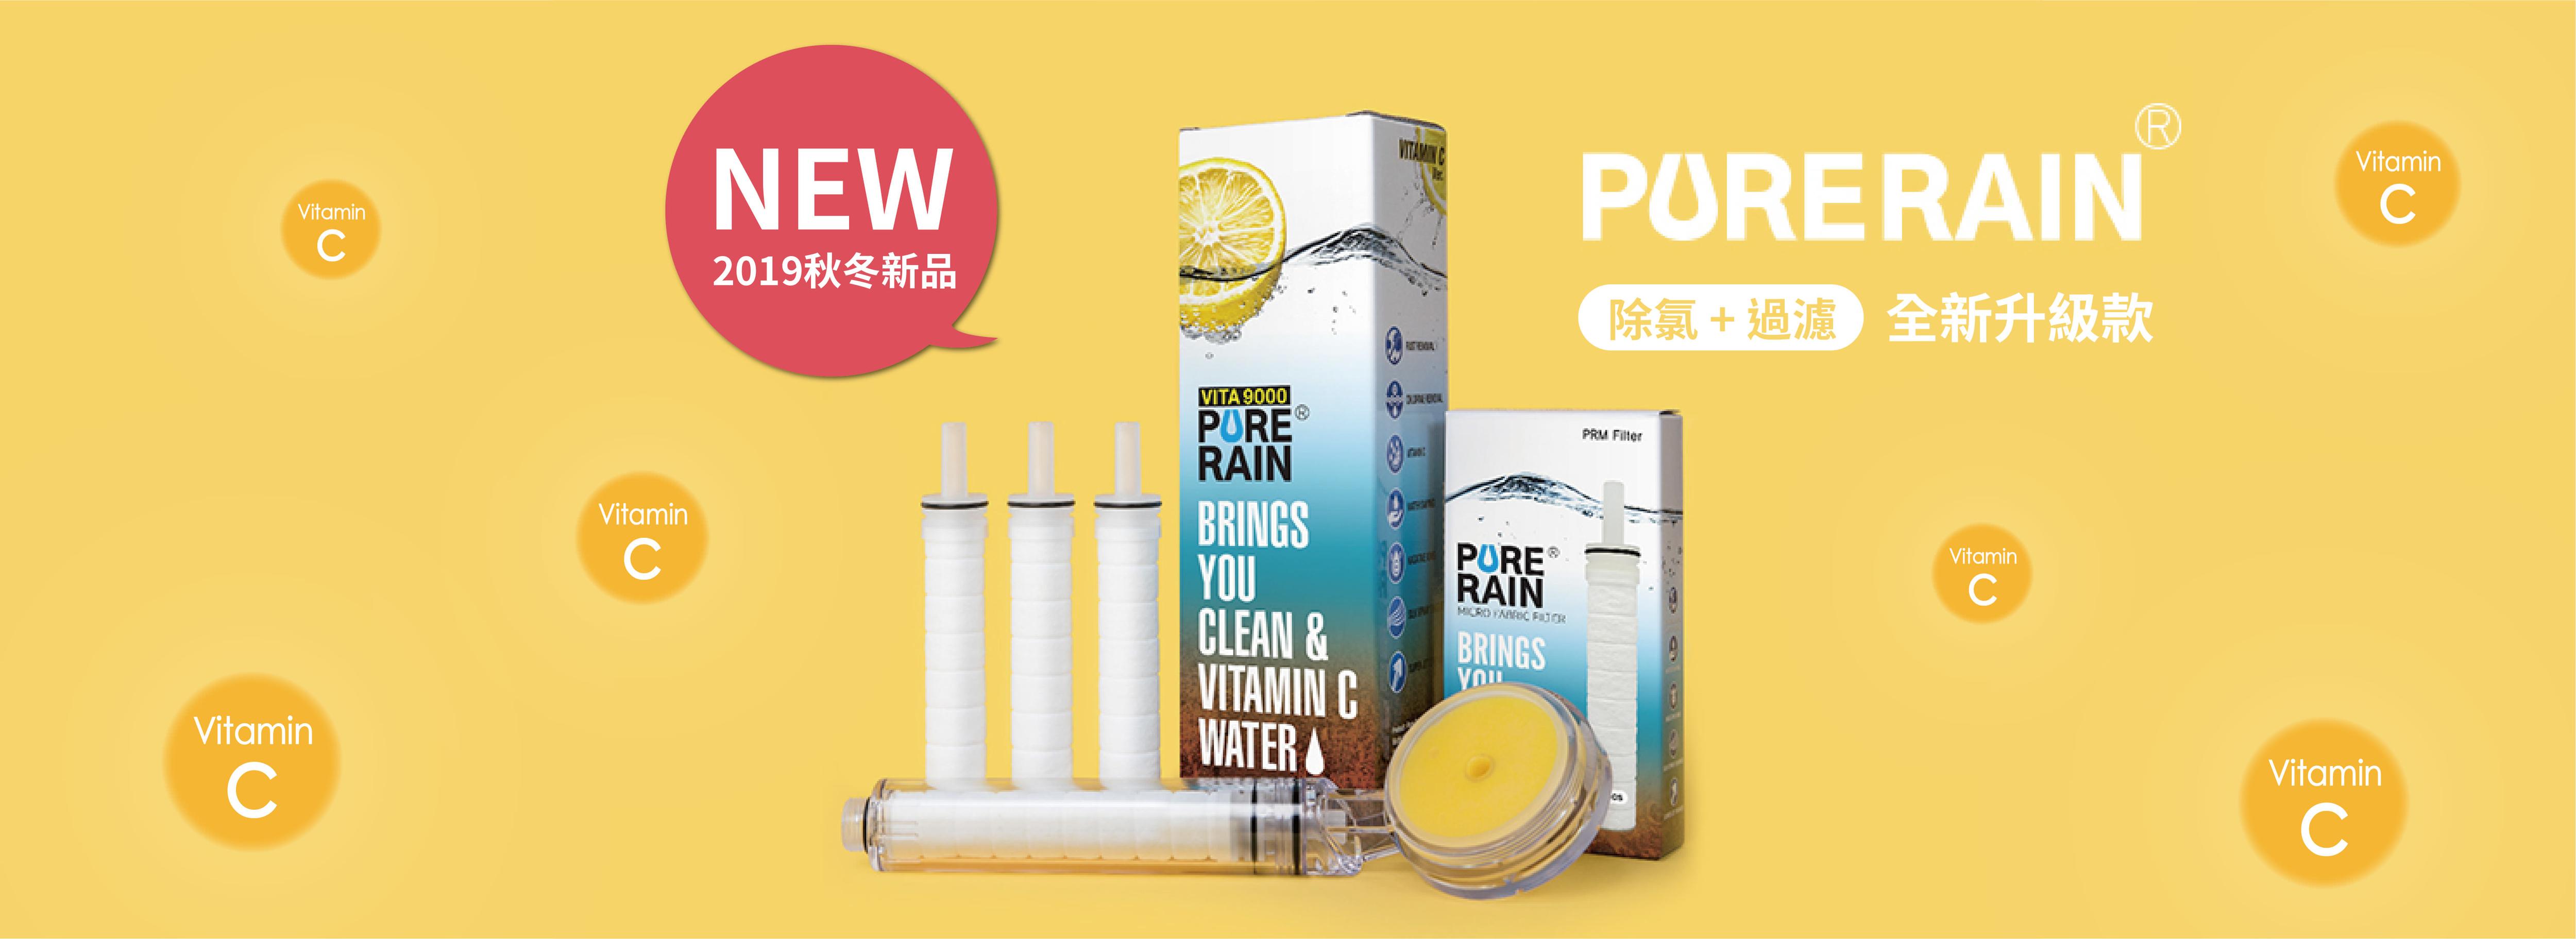 新品上市VITA9000過濾除氯蓮蓬頭-Aroma Sense蓮蓬頭